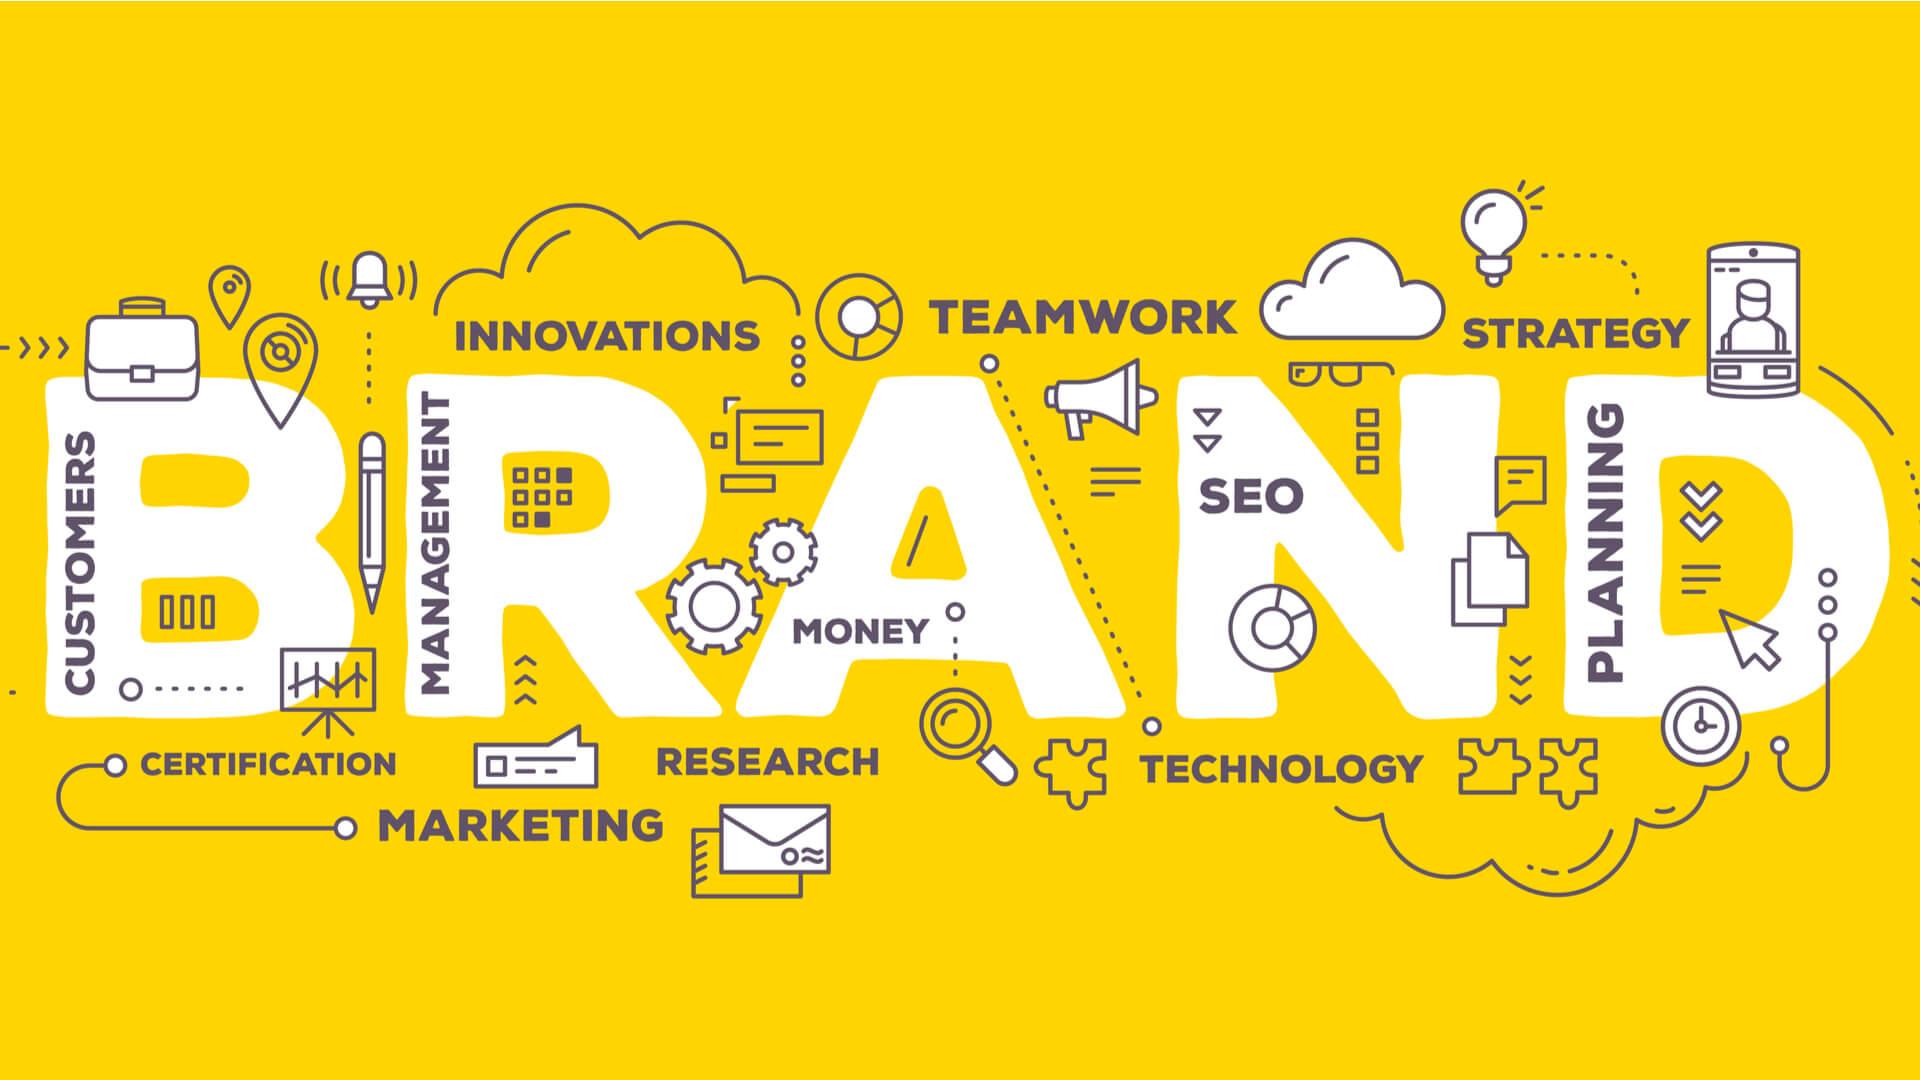 Kiat Menerapkan Brand Strategy dalam Bisnis - Jojonomic | Aplikasi HRIS, Human Capital & Expense Management